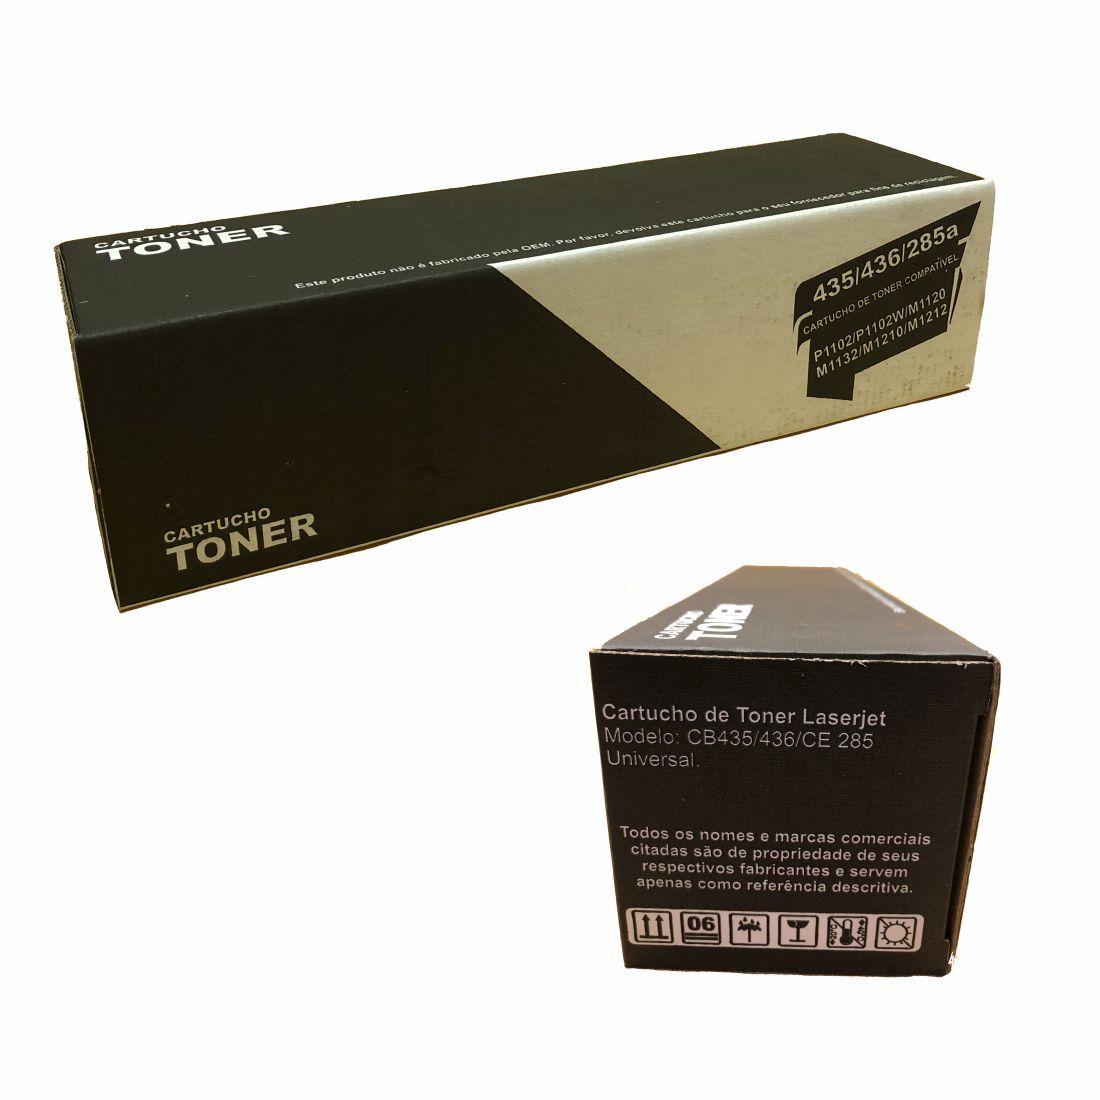 6b0e205d4 ... Kit 10 Peças de Toner Universal Compatível com Hp Ce285 85a Cb435 35a  Cb436 36 ...